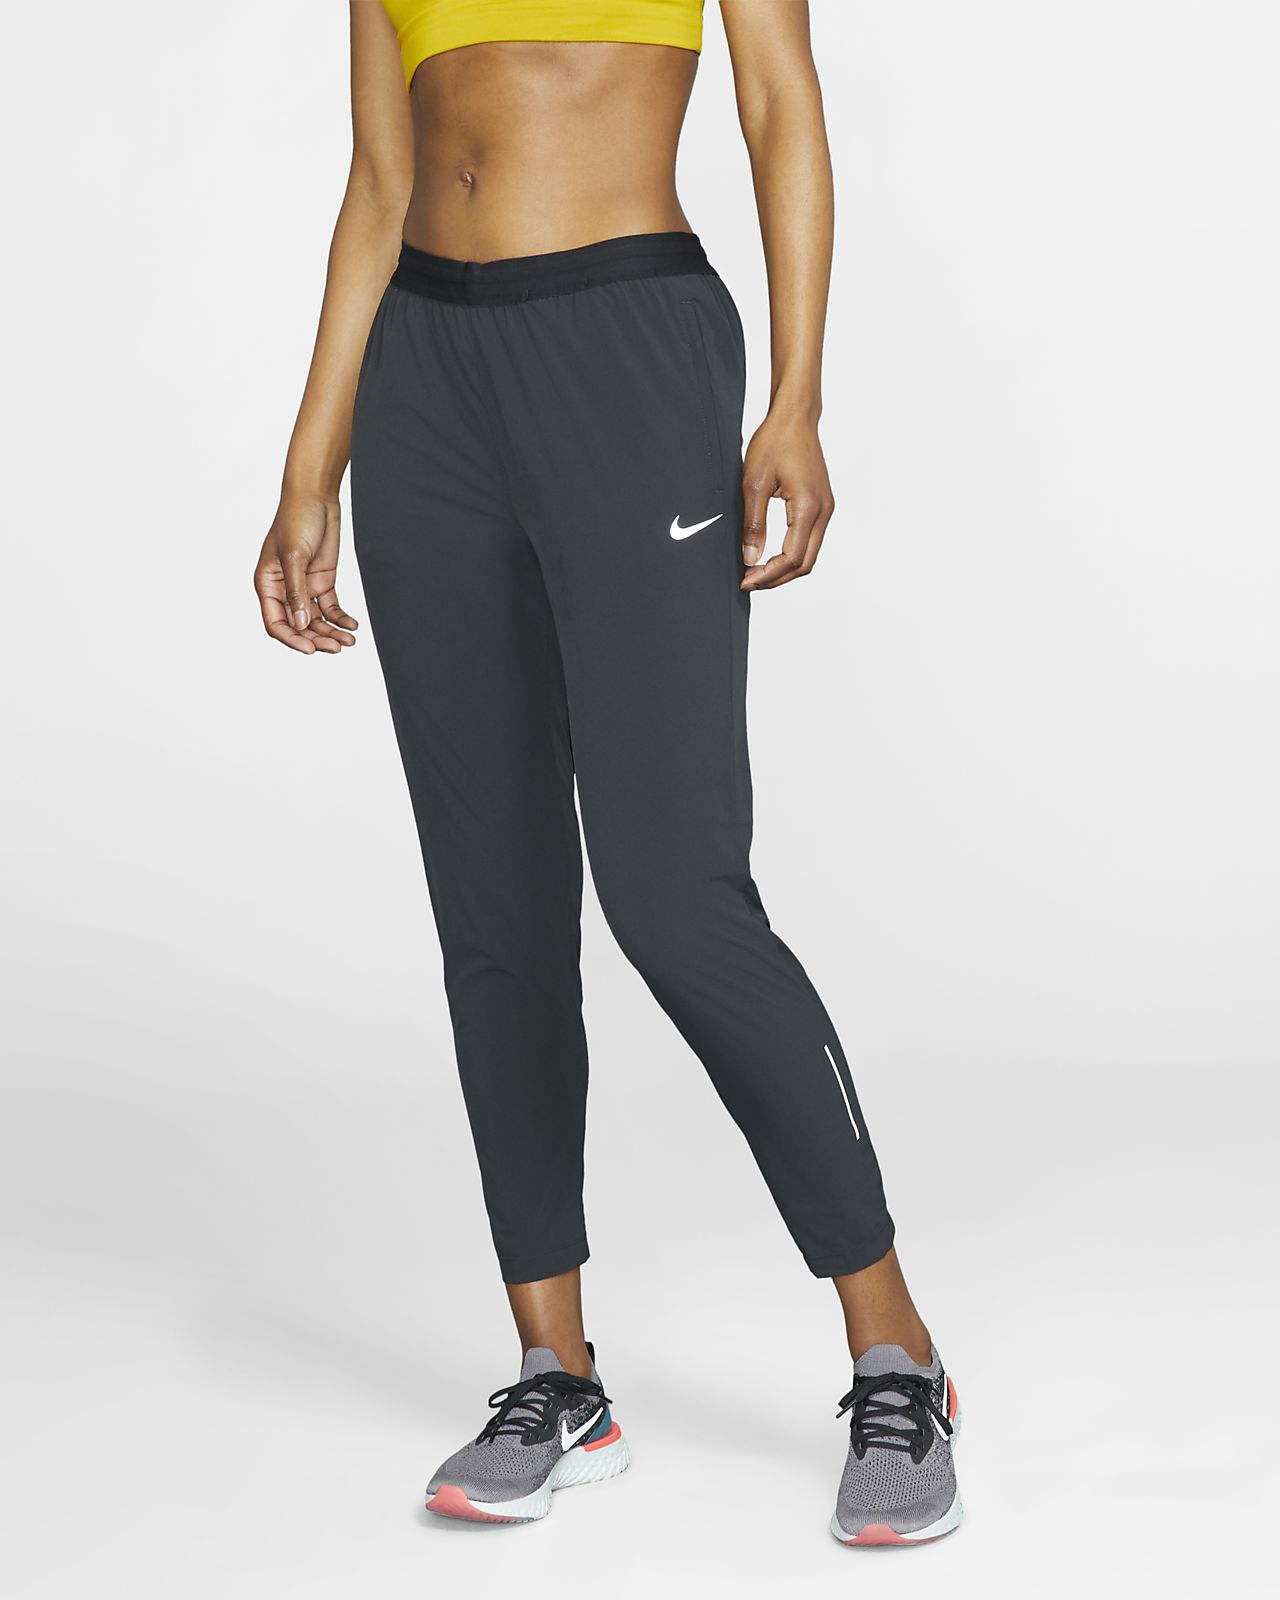 pantalon running femme nike